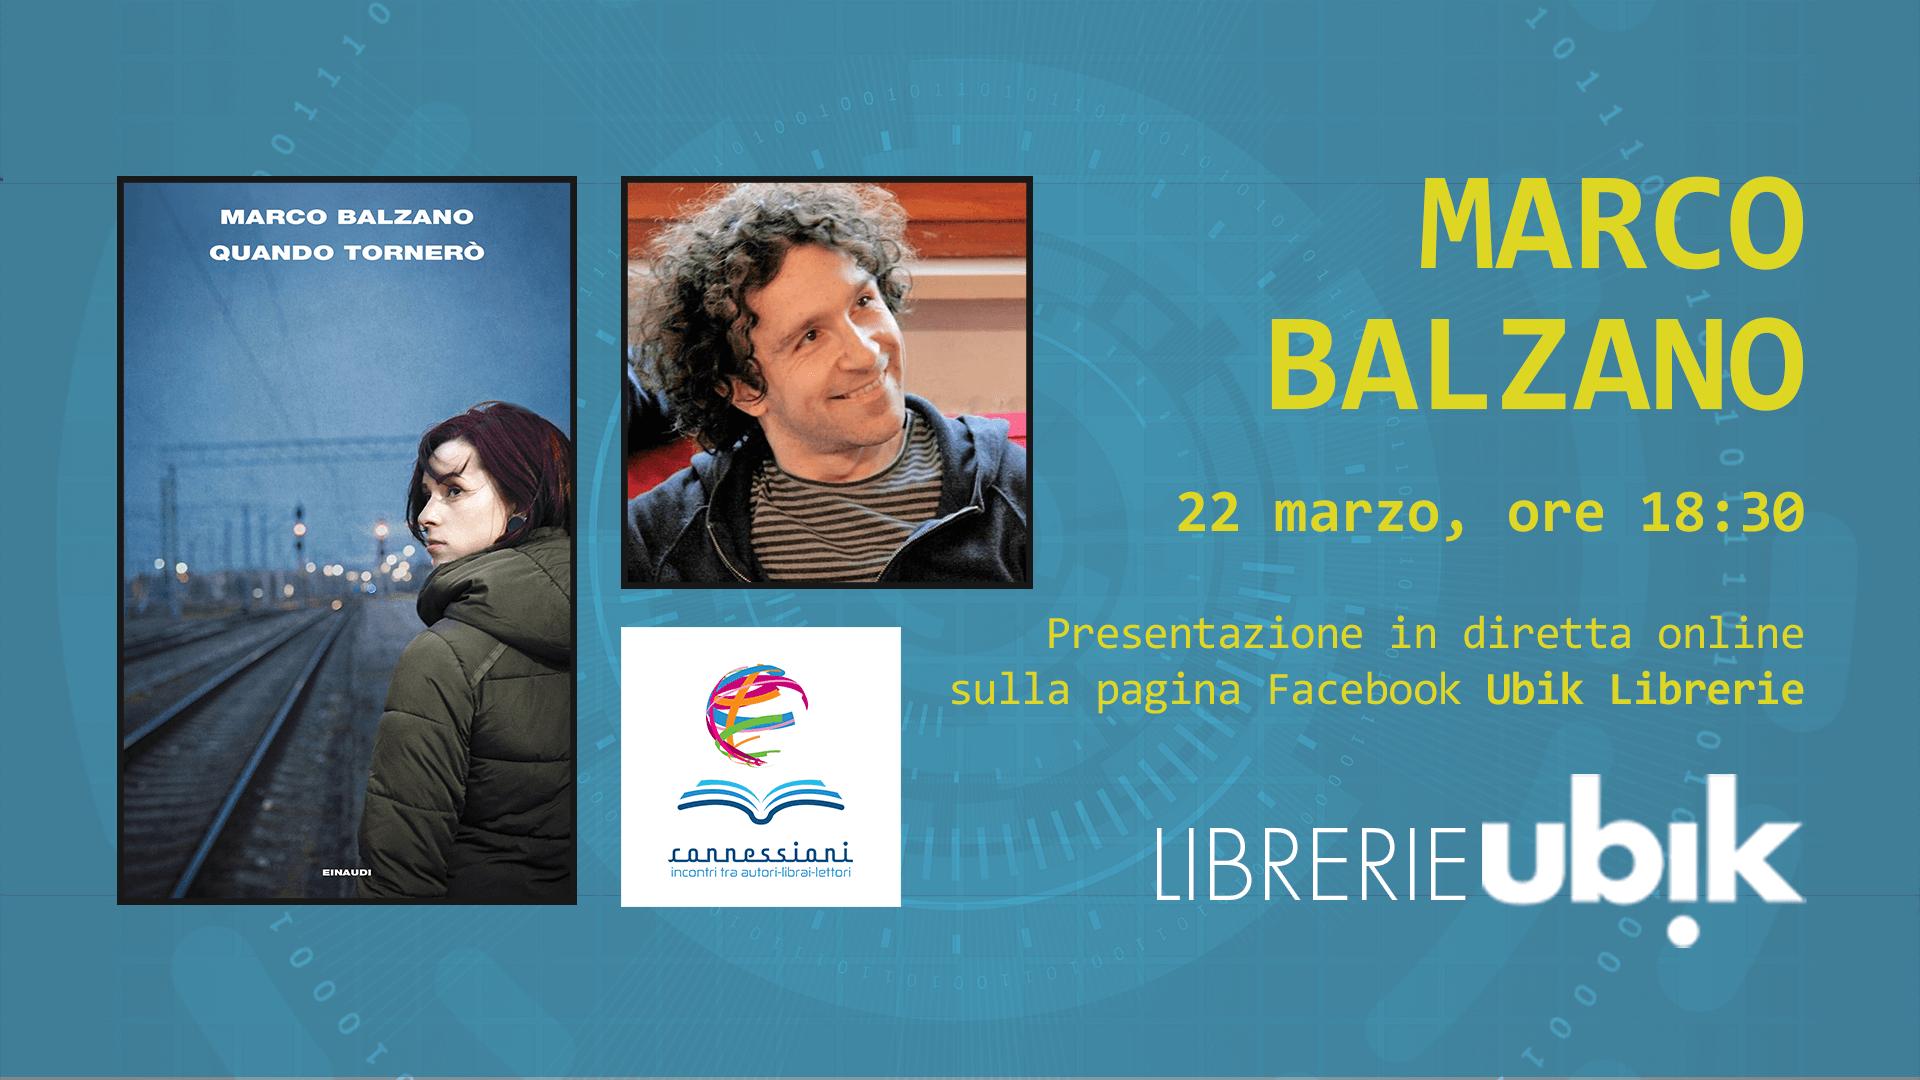 MARCO BALZANO presenta in diretta online